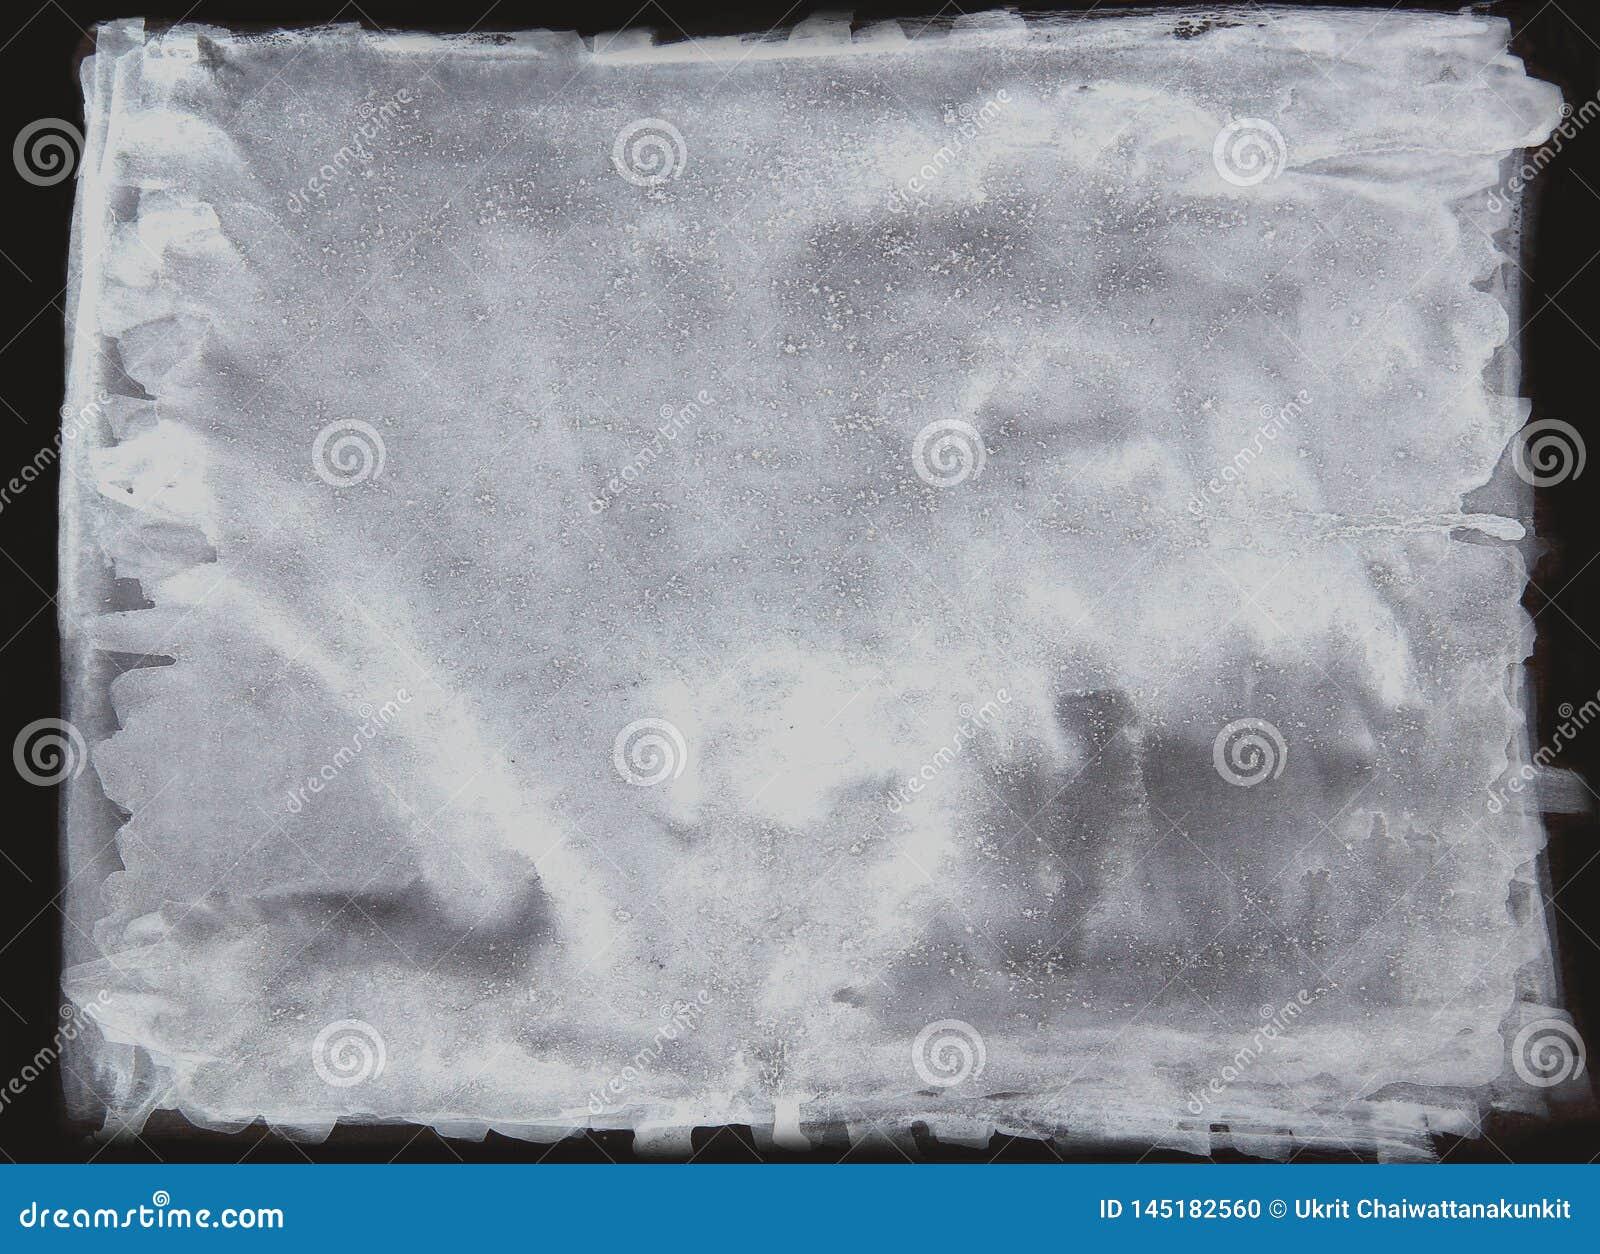 Biały akwareli muśnięcie, abstrakcjonistyczne farby muśnięcia plamy, biała inked brud plama splattered kiści pluśnięcia